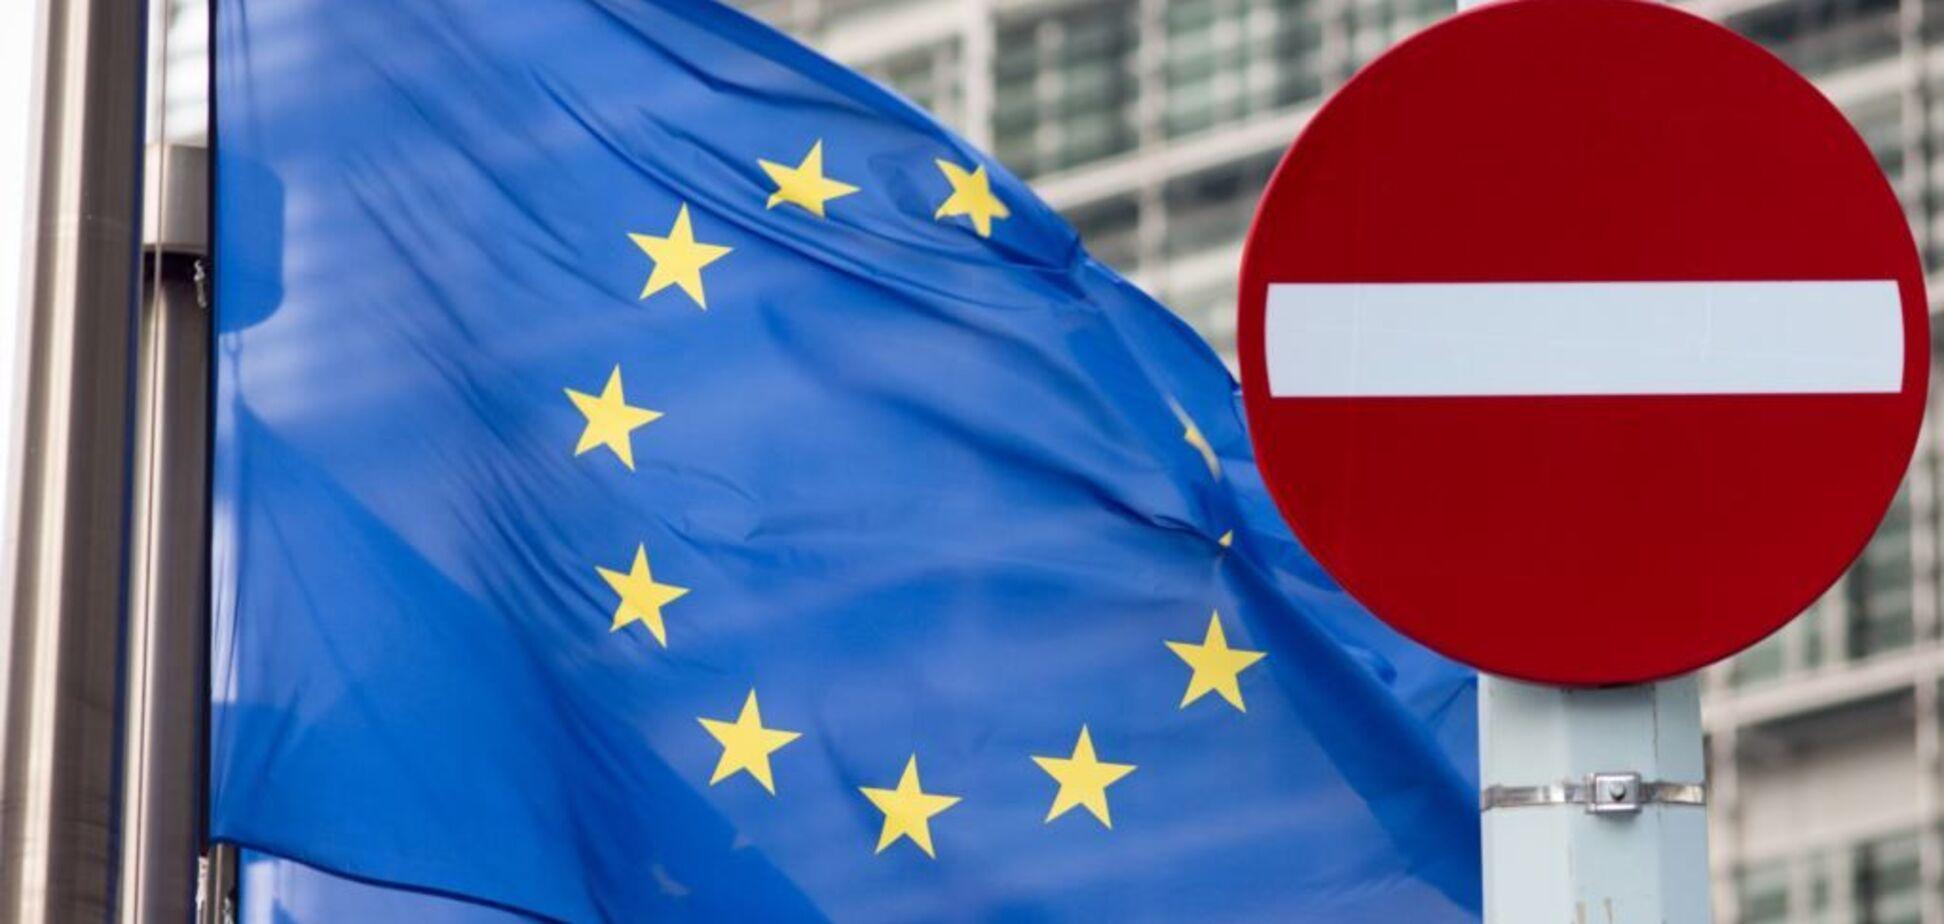 Удар Европы по России: пострадать может Украина